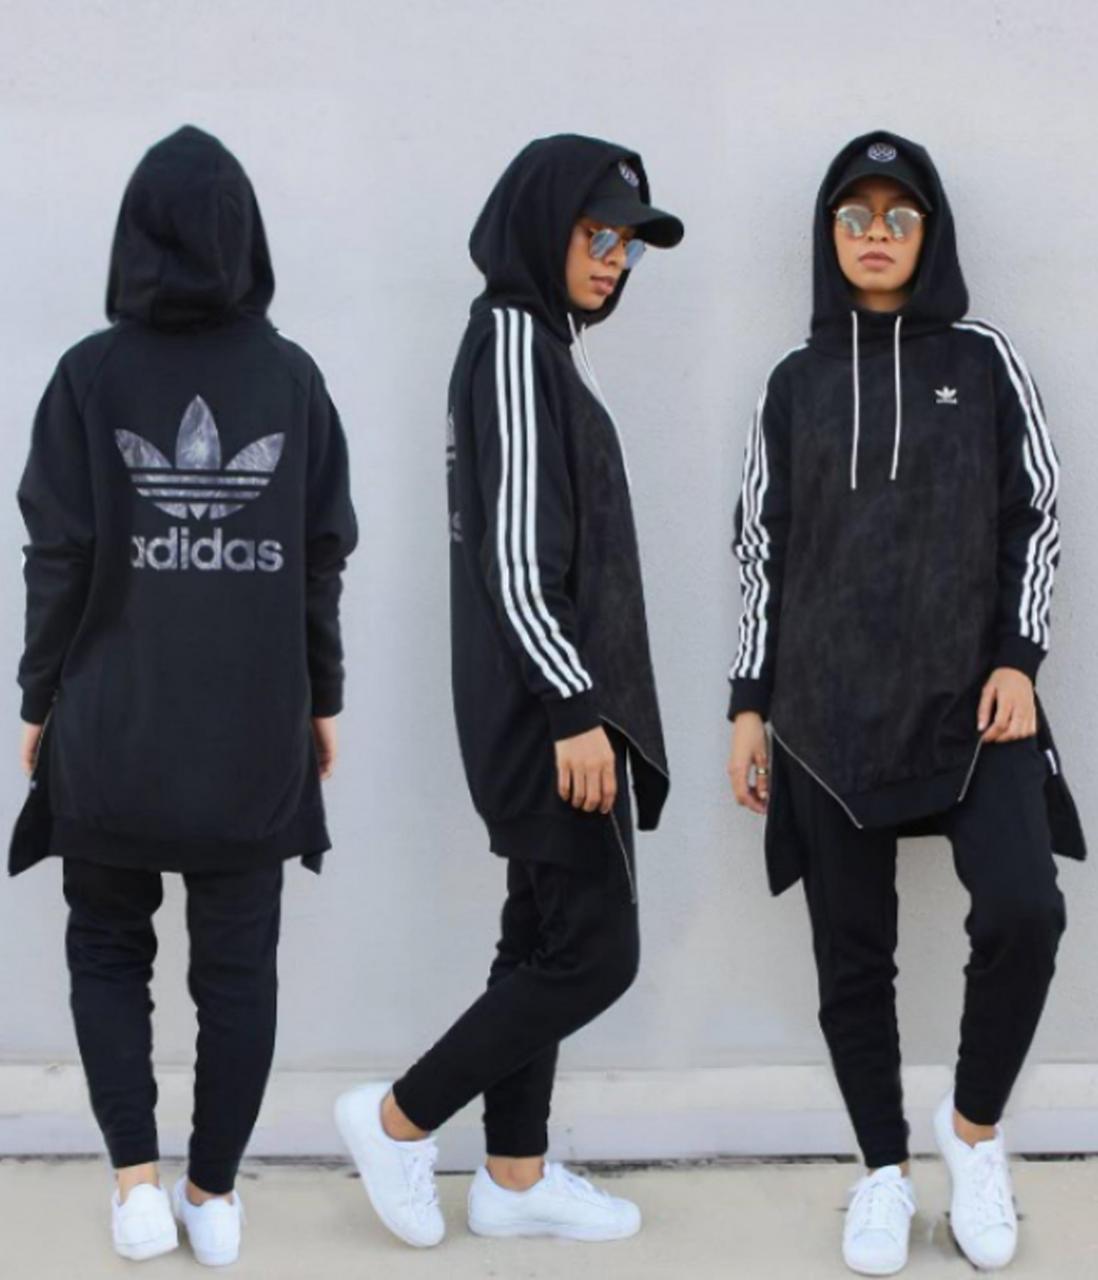 صورة ملابس الرياضة للبنات , نصائح مفيدة عند شرائك ملابس الرياضة